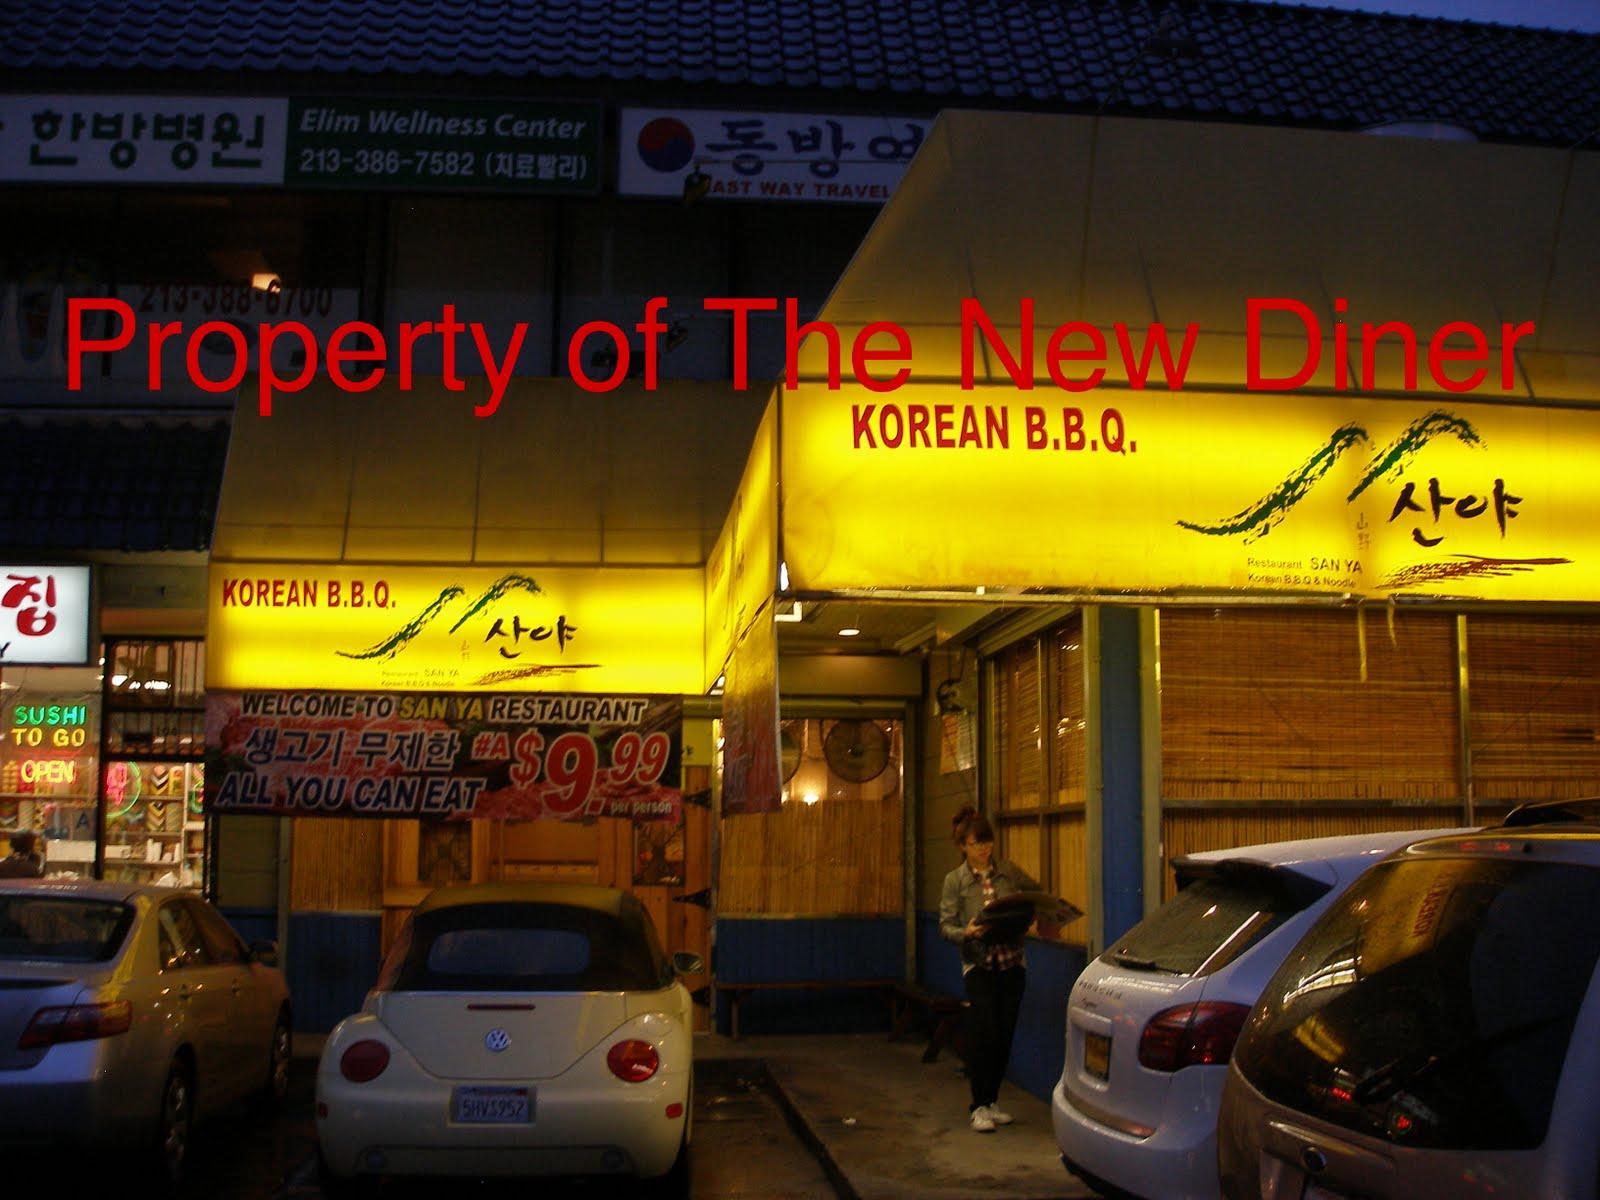 The New Diner: Sanya Korean BBQ Restaurant